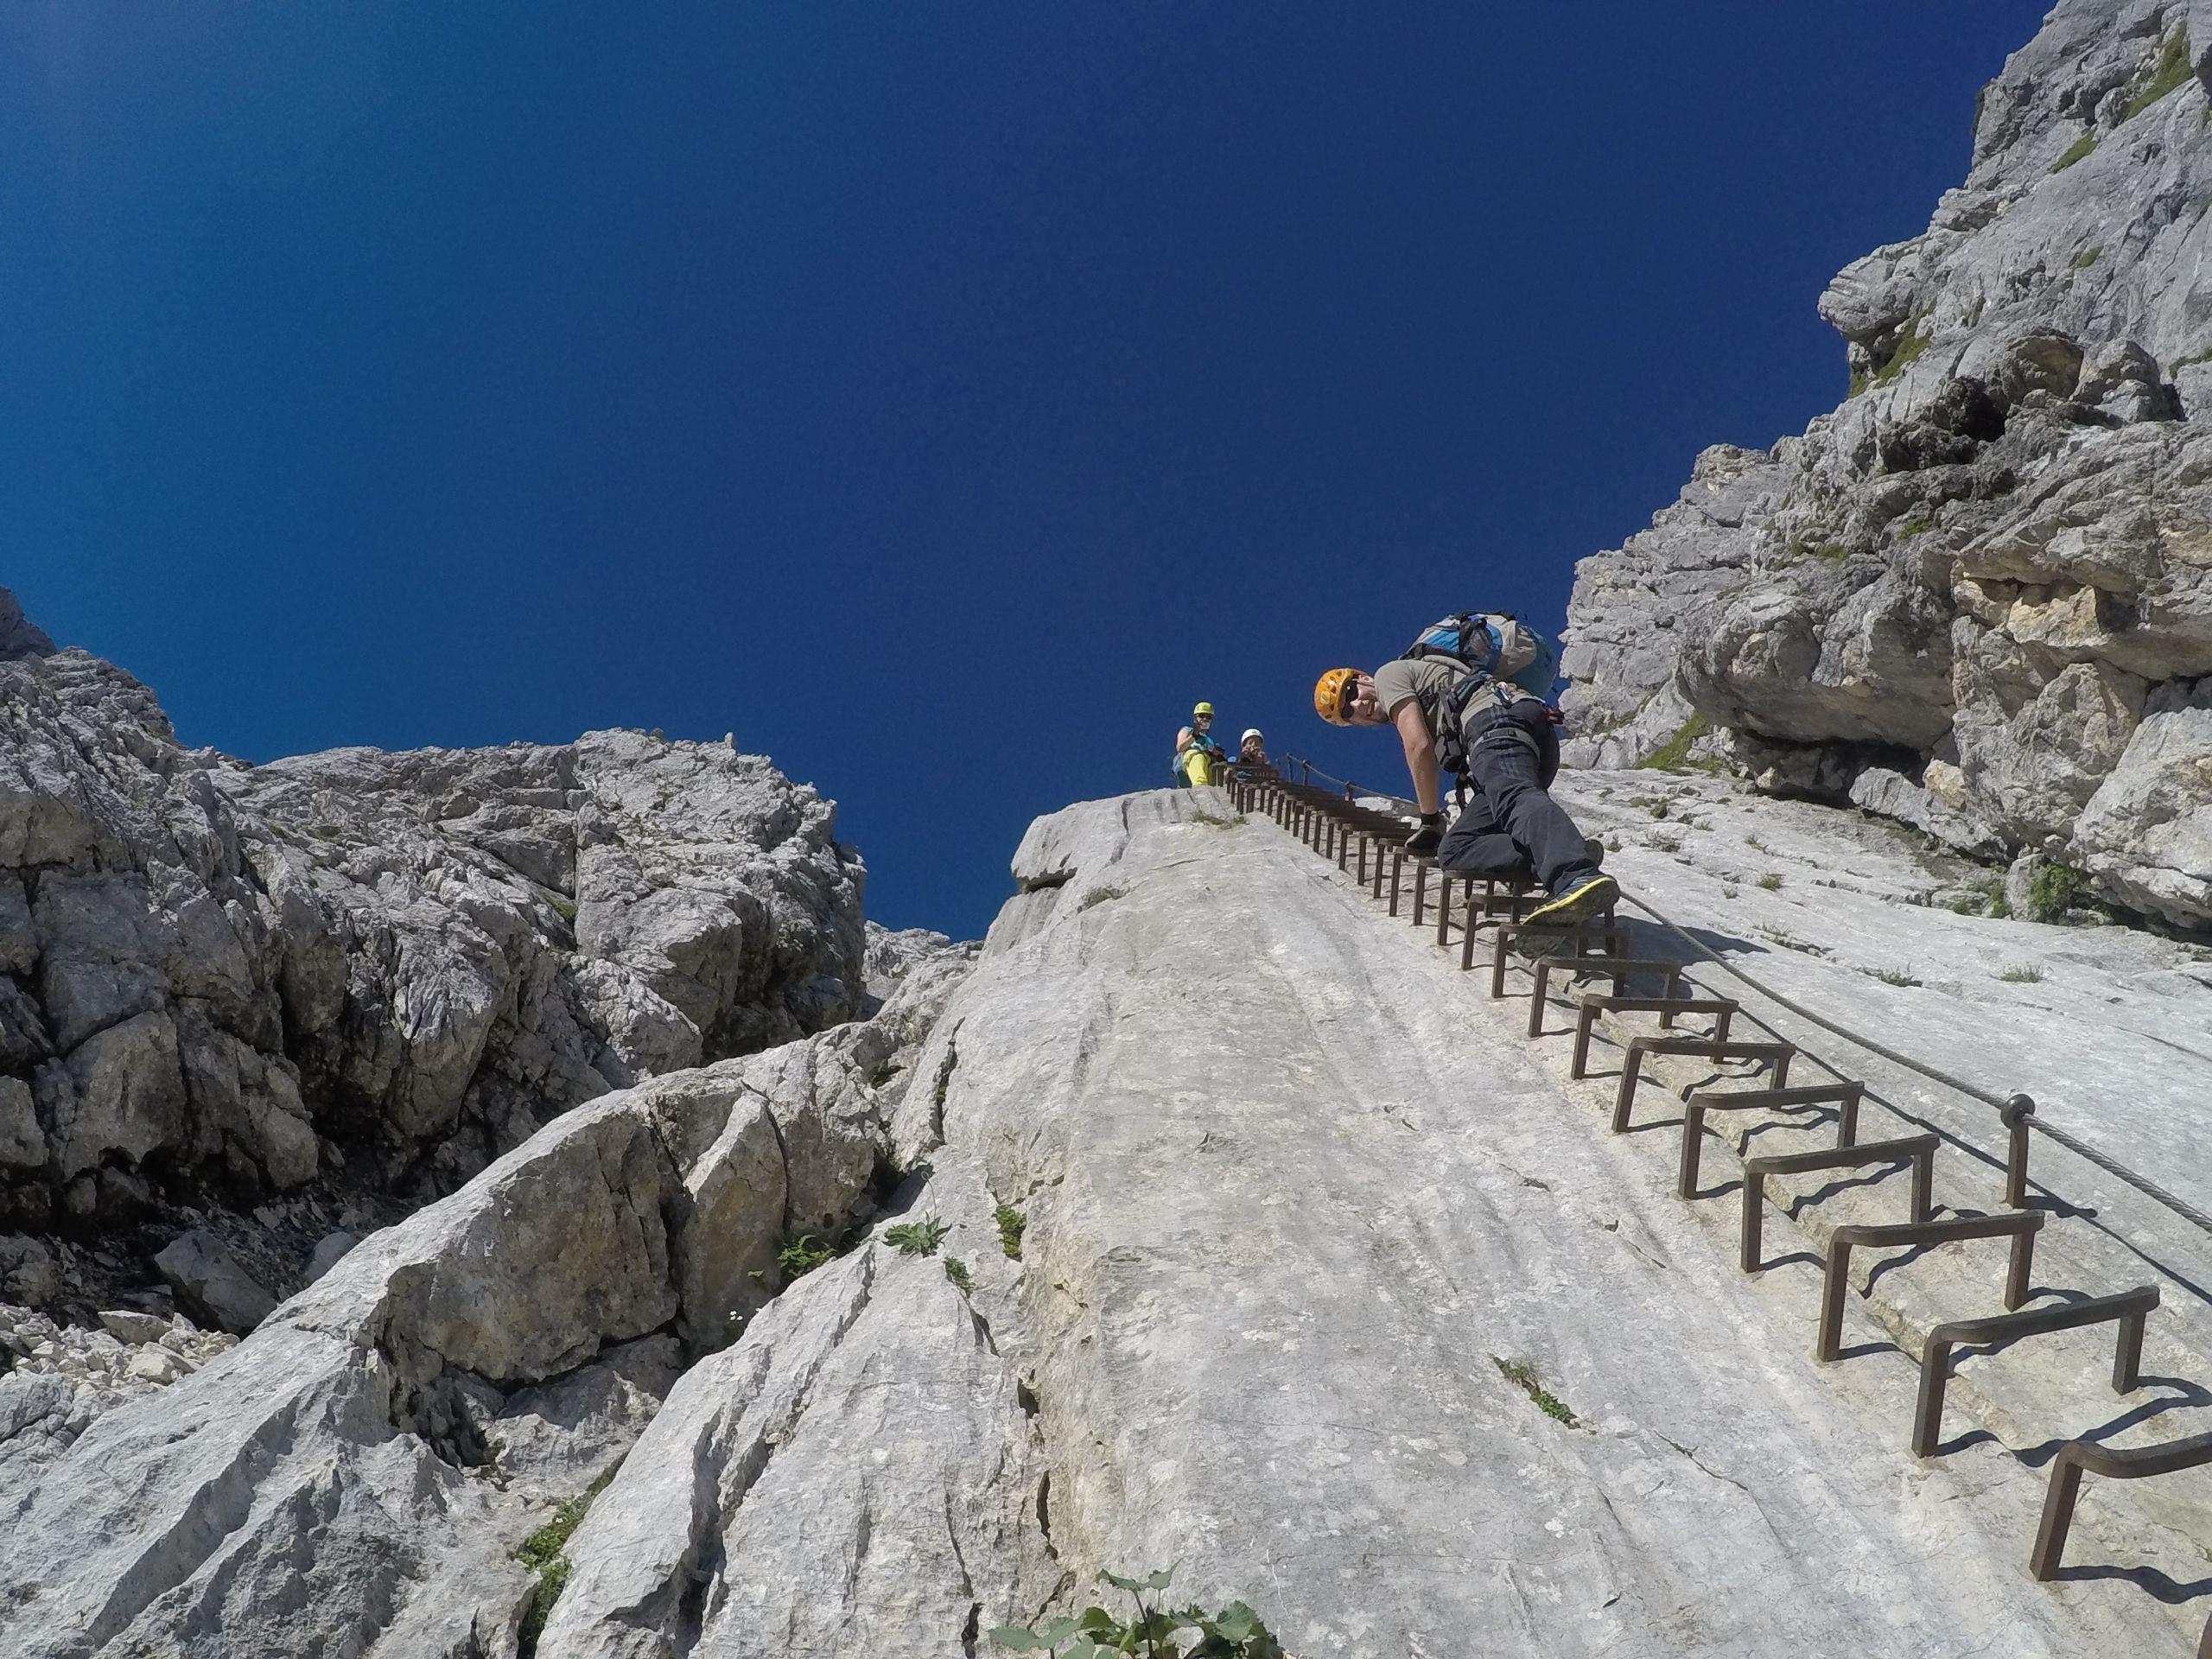 Klettersteig Alpspitze : Klettersteig alpspitze příroda klettern und